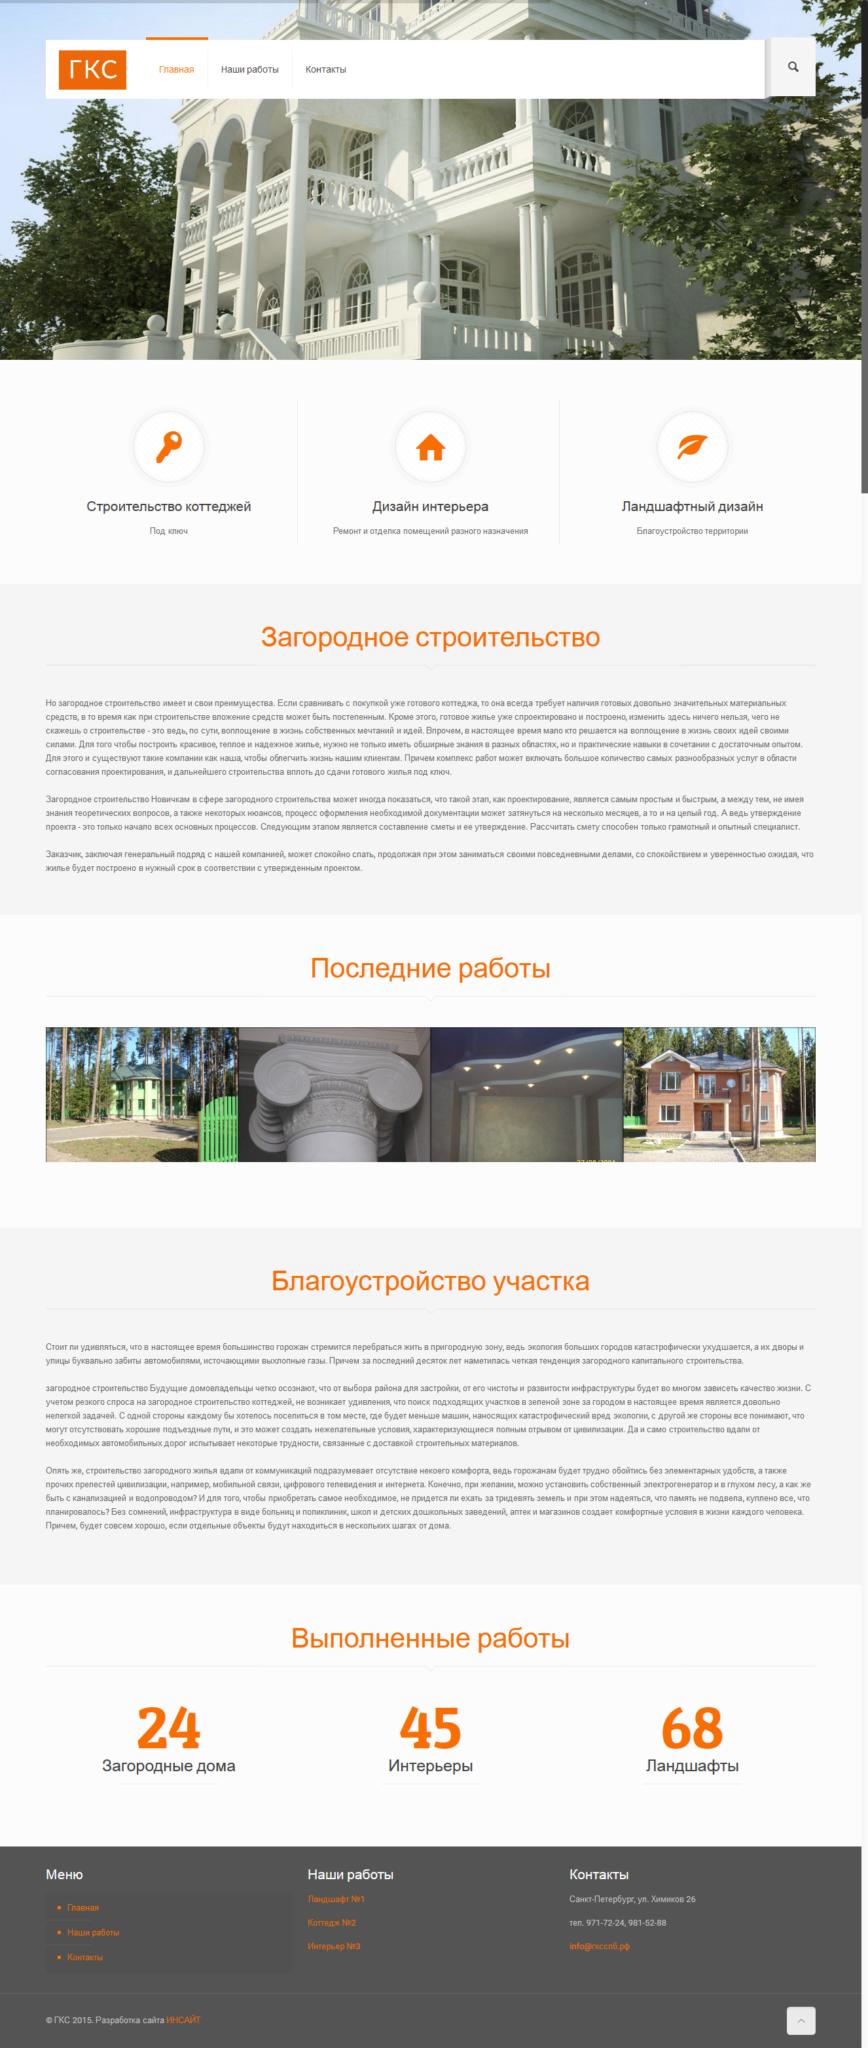 Разработка сайта для строительной компании ГКС